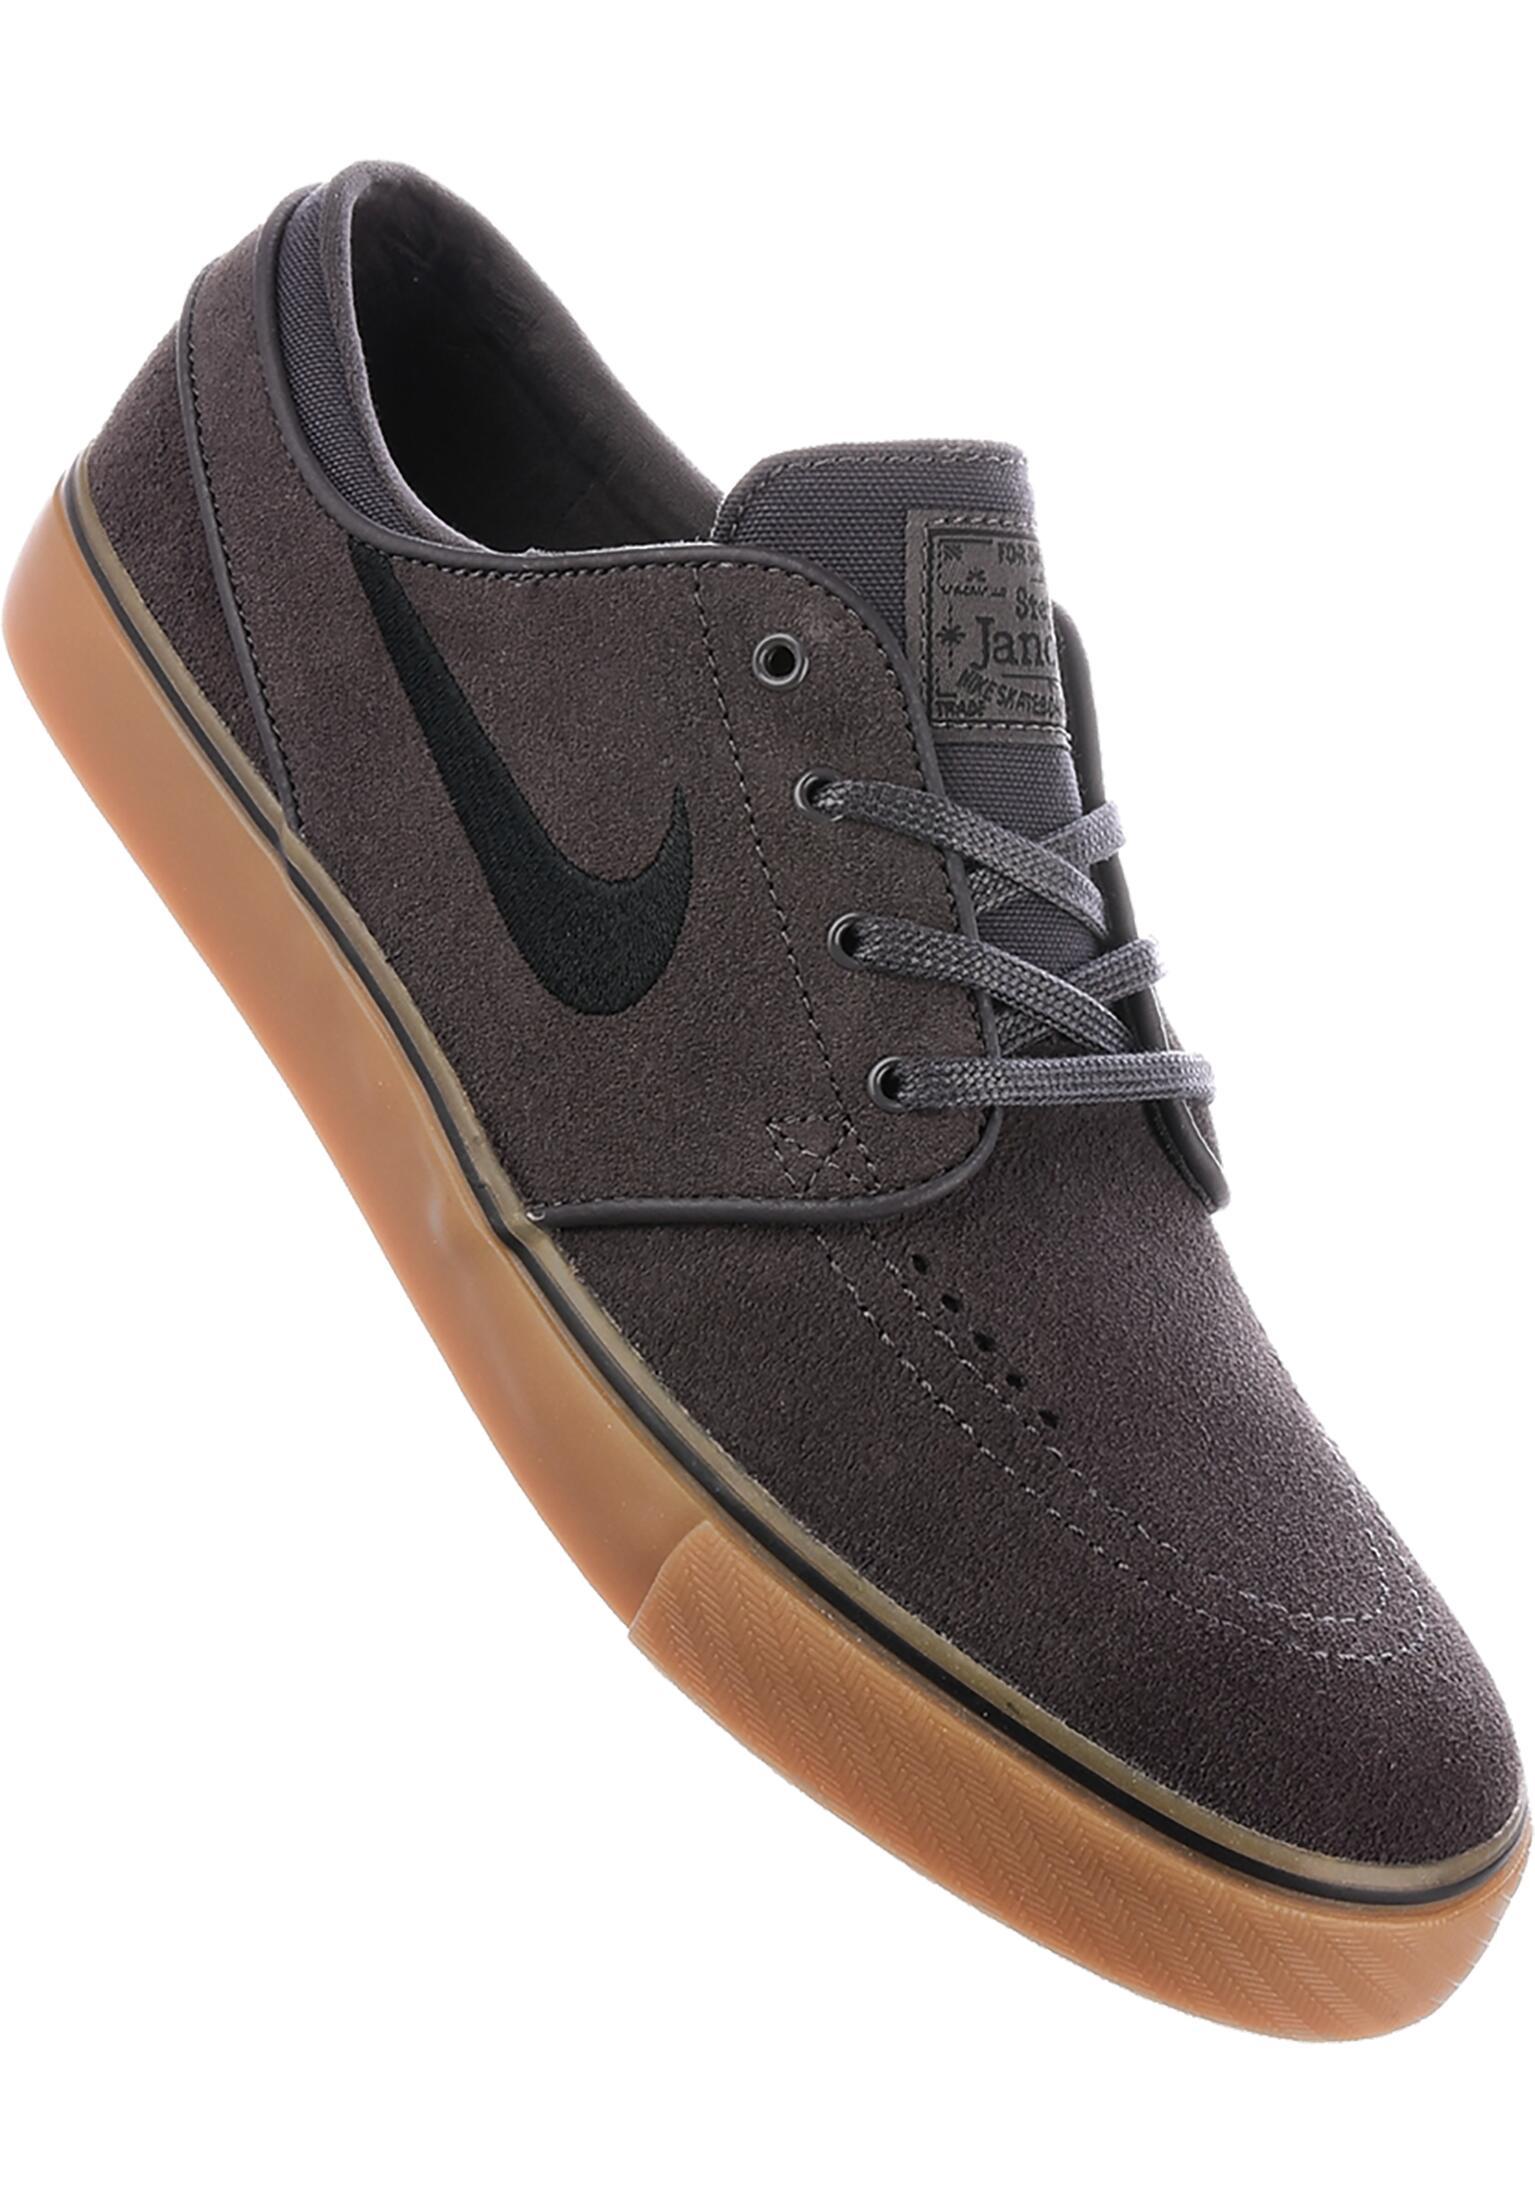 46f58270b09d Zoom Stefan Janoski Nike SB All Shoes in thundergrey-black-gum for Men